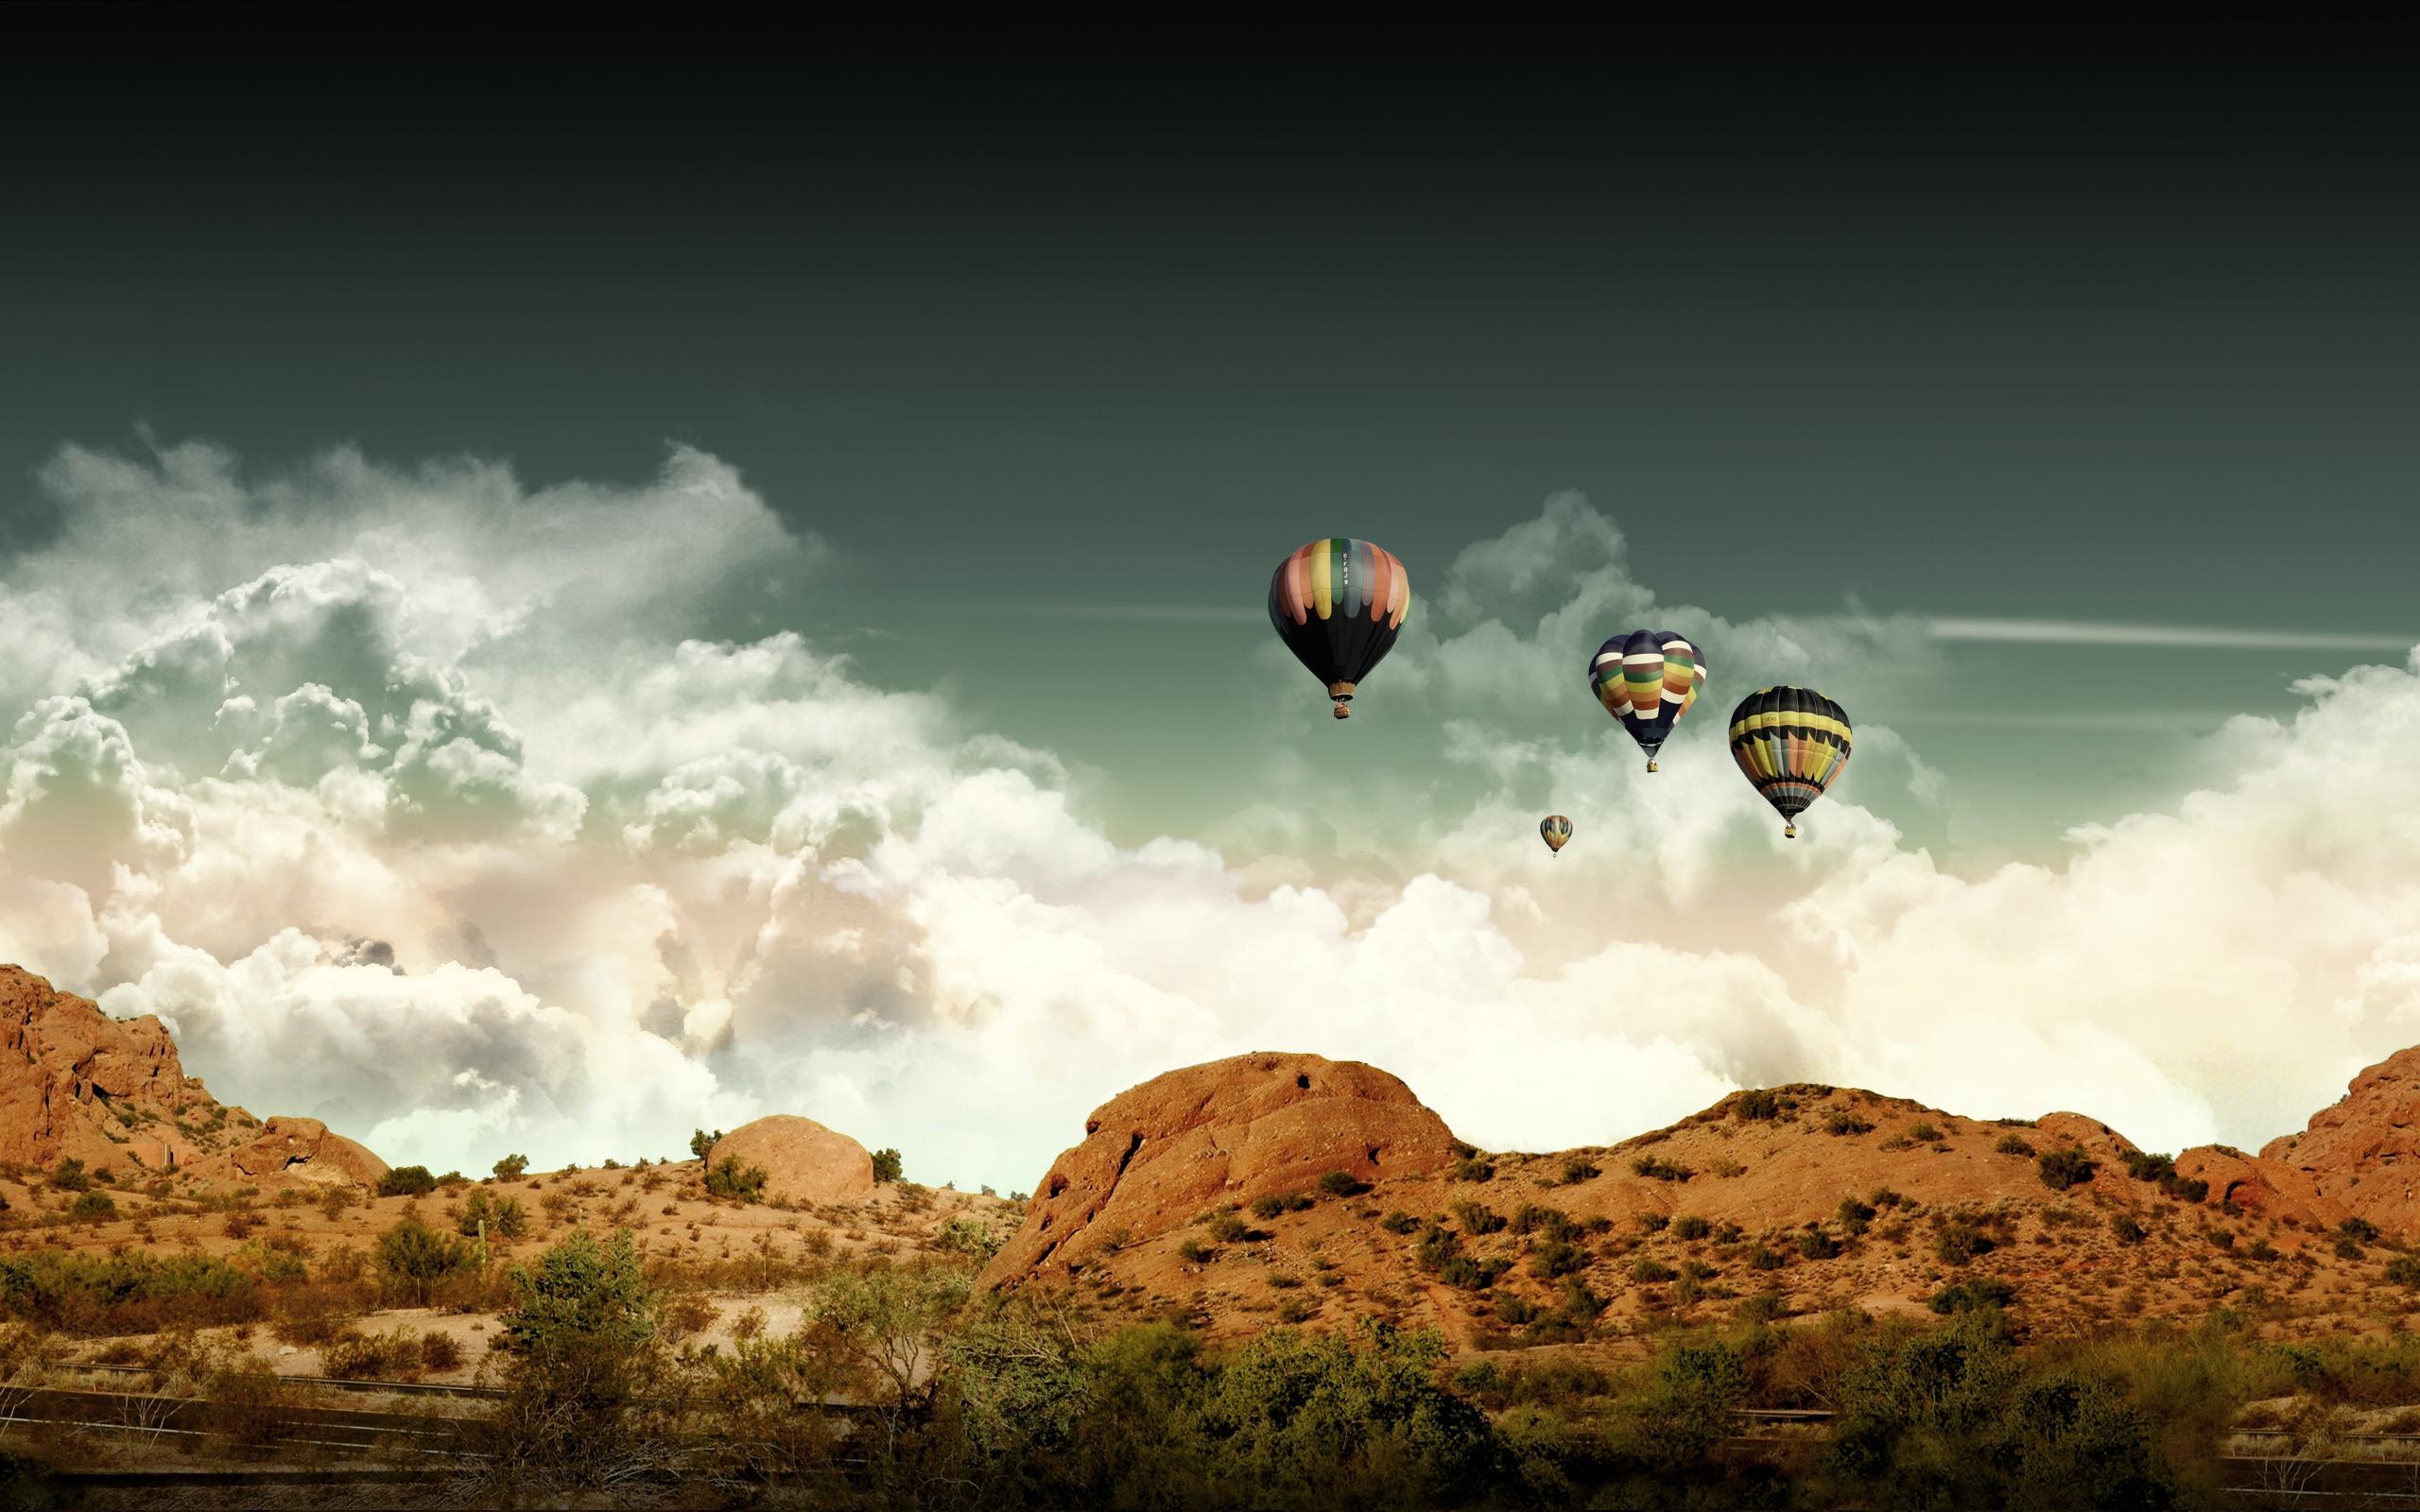 HD Wallpapers Ballon View